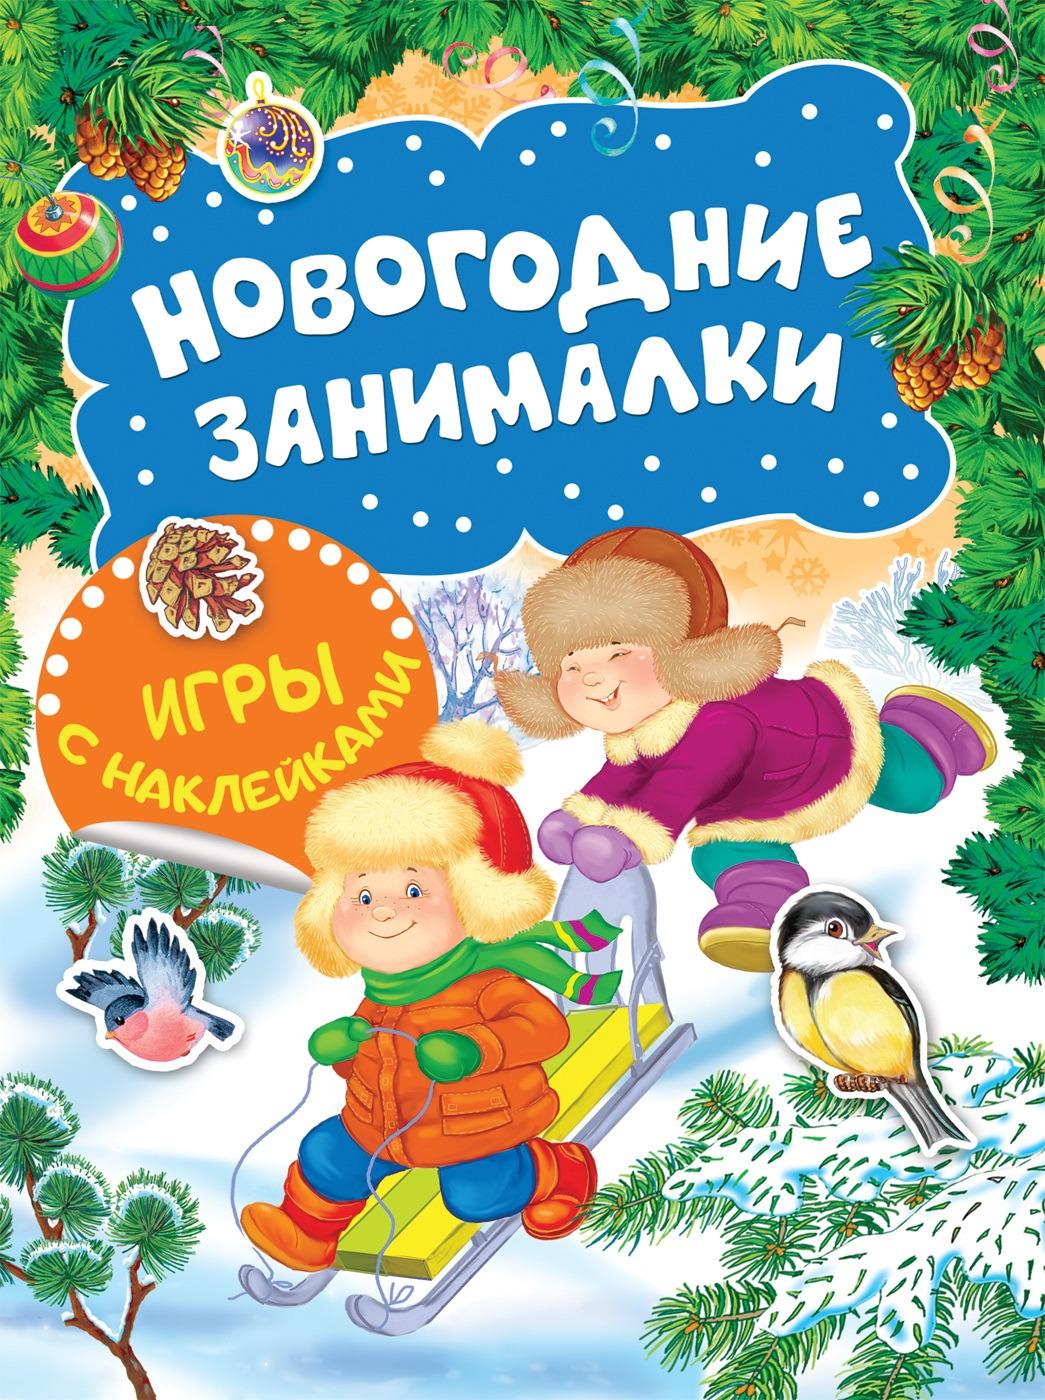 Котятова Н. И. Новогодние занималки. Игры с наклейками (Зимние забавы) зимние забавы раскраска